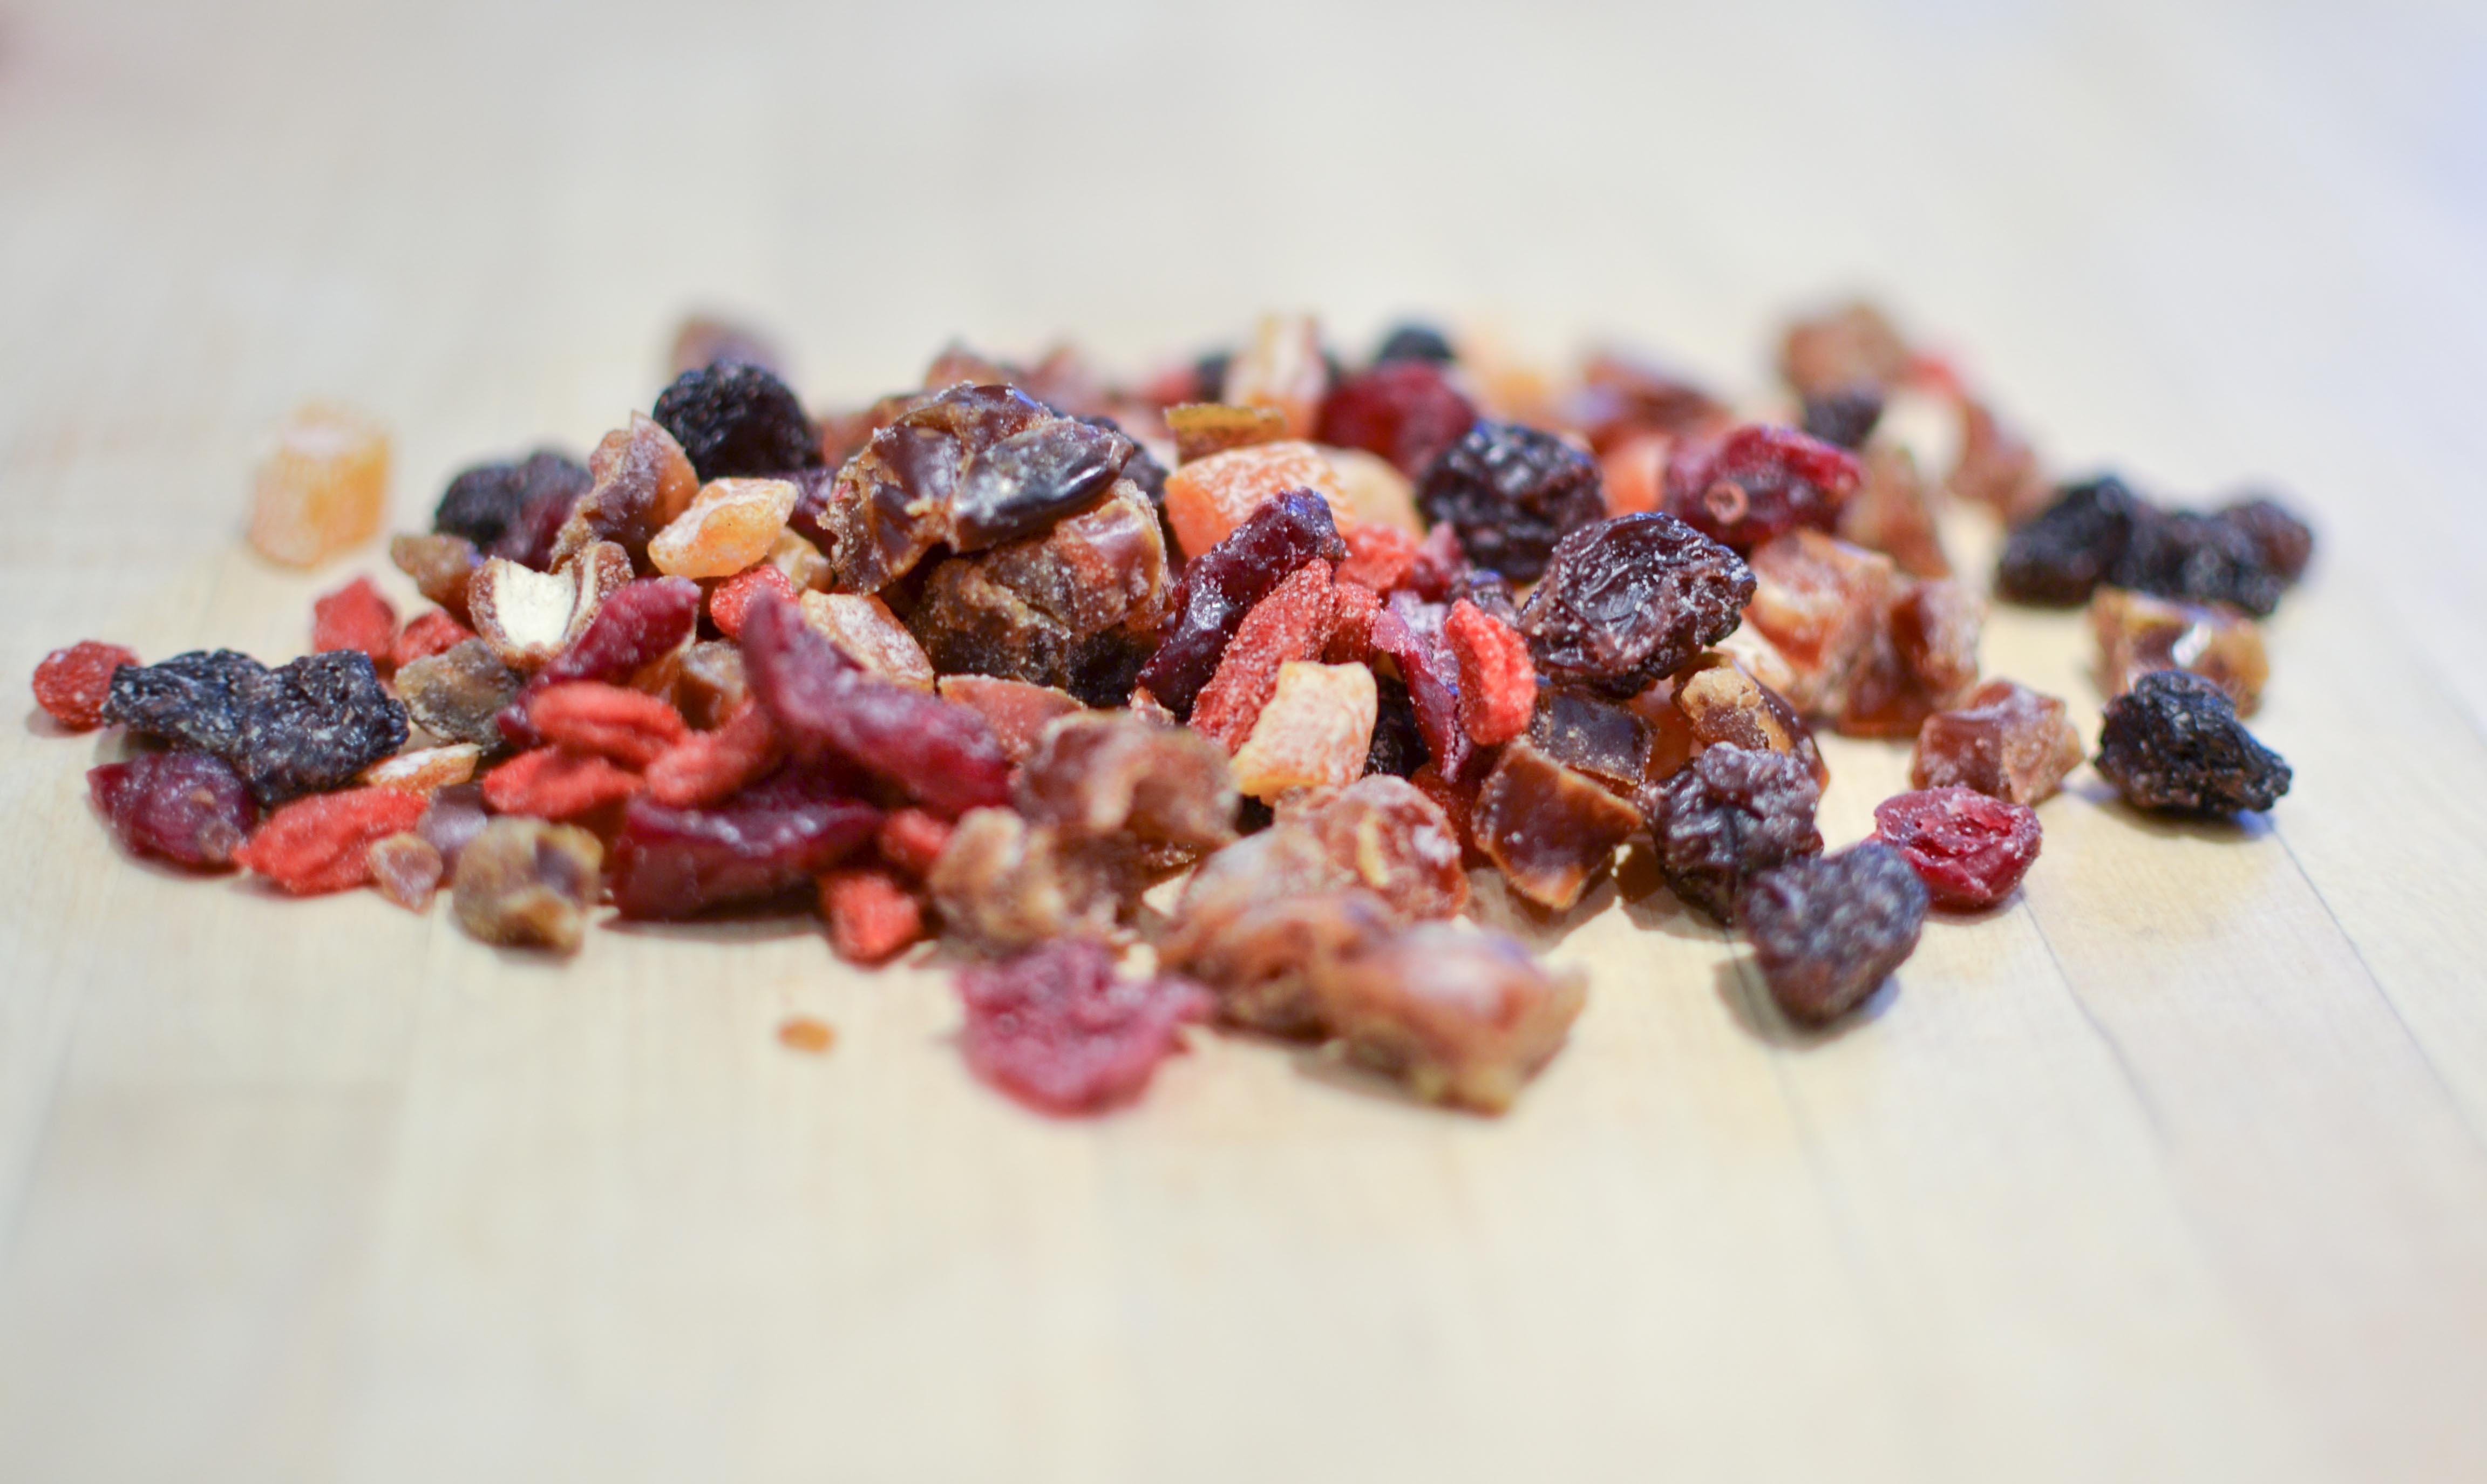 διατροφική αξία αποξηραμένα φρούτα